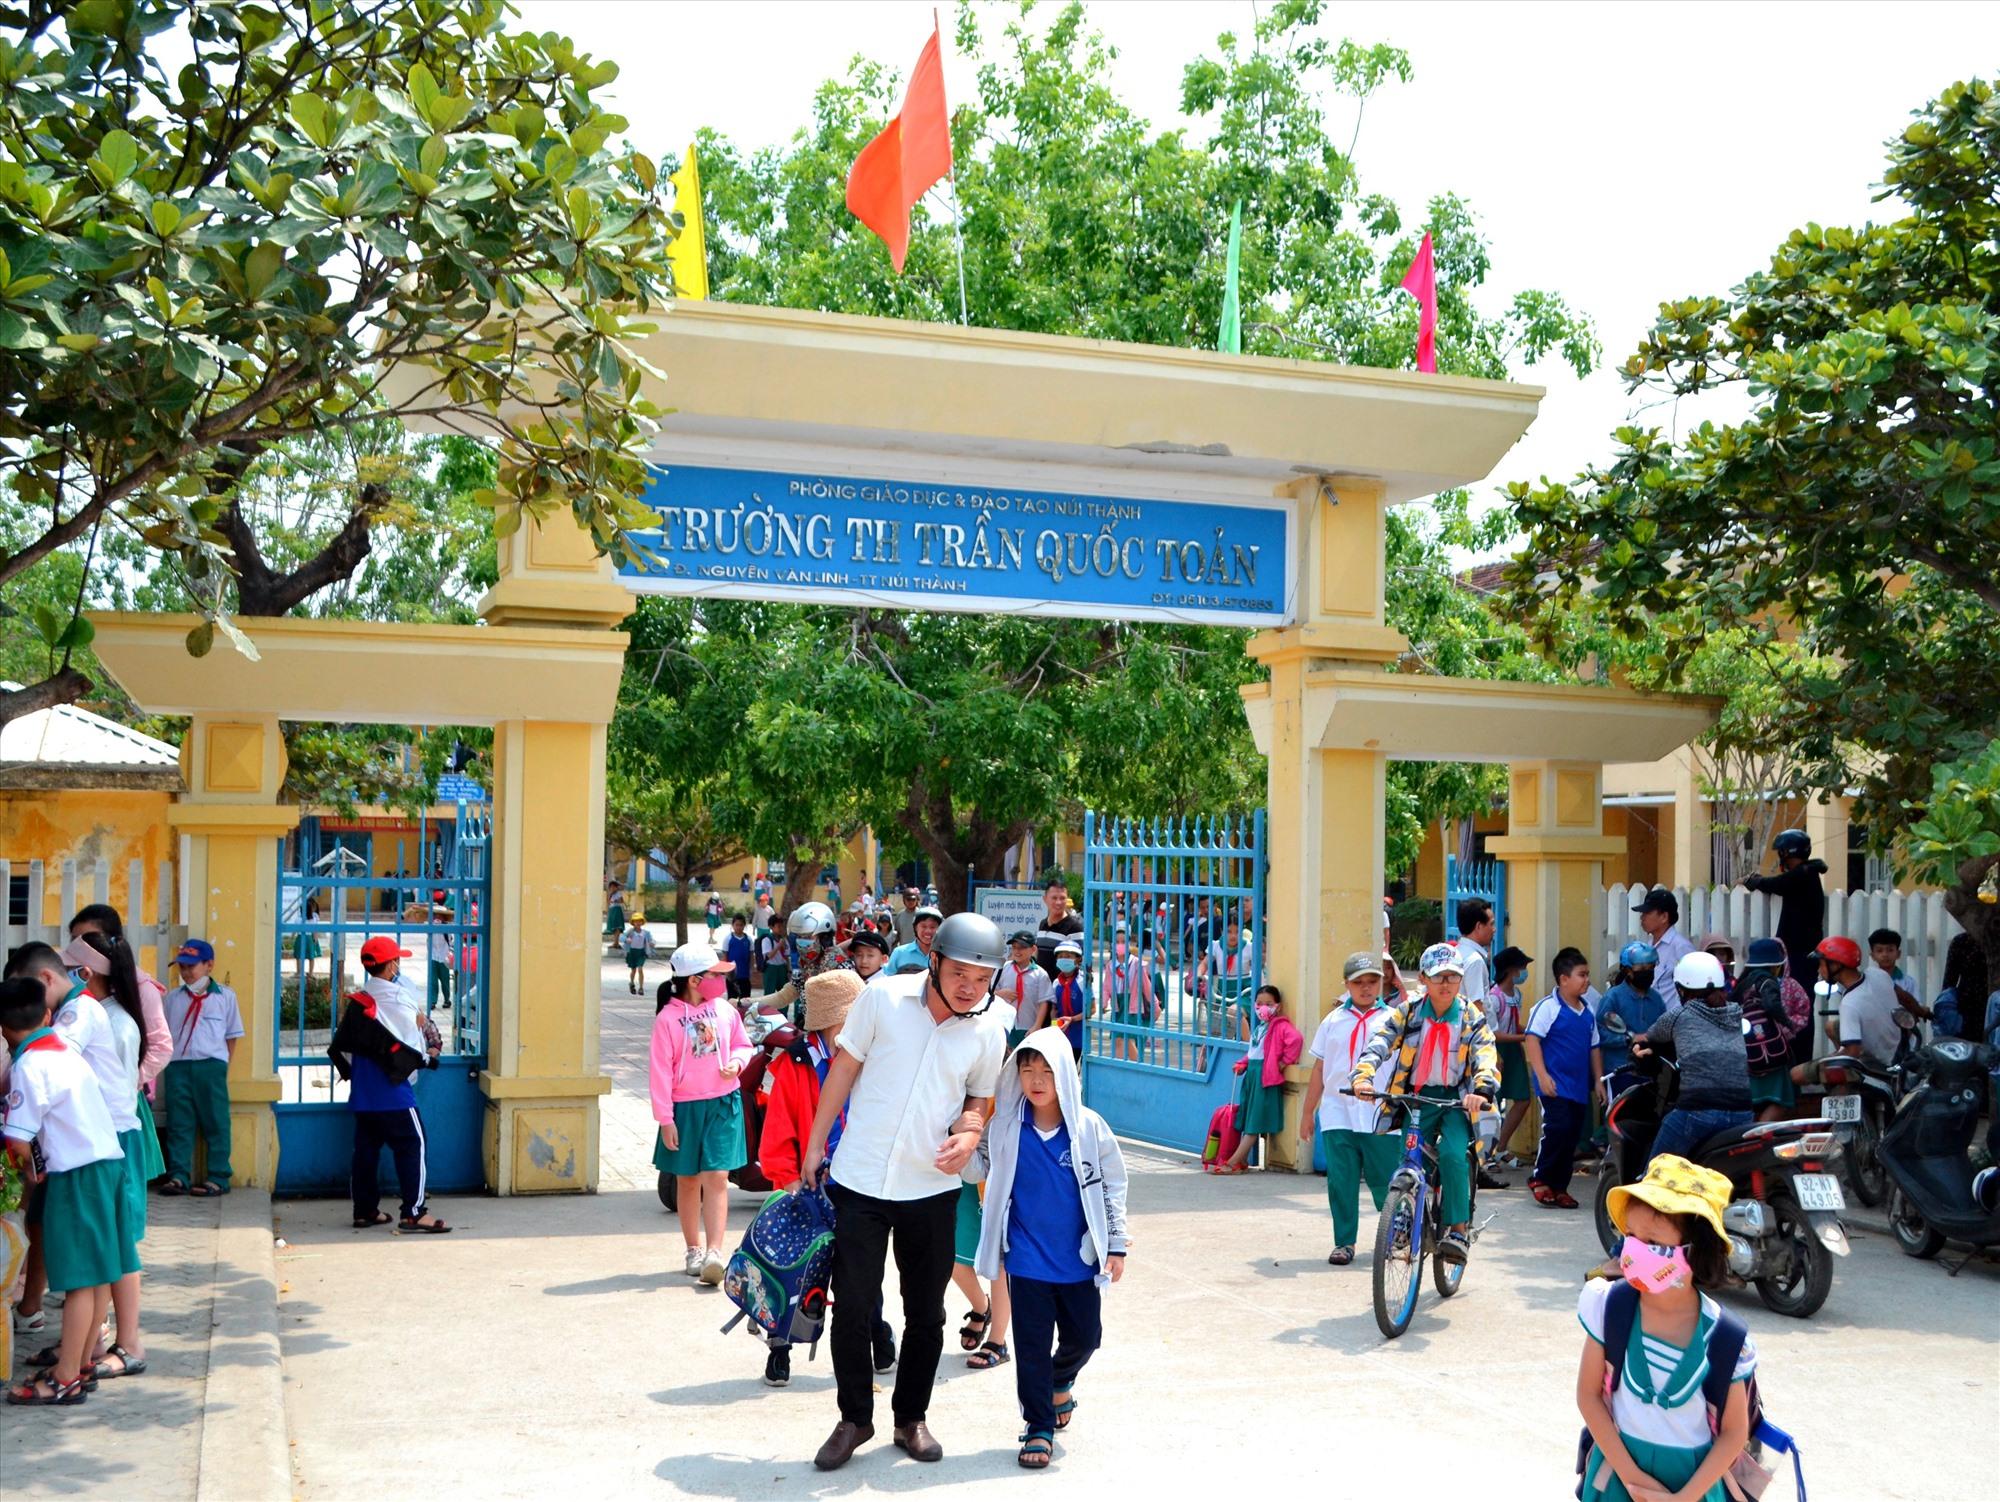 Giờ tan học tại cổng một trường tiểu học ở thị trấn Núi Thành đã thông thoáng hơn trước (ảnh chụp trước khi dịch Covid-19 bộc phát trở lại). Ảnh: C.T